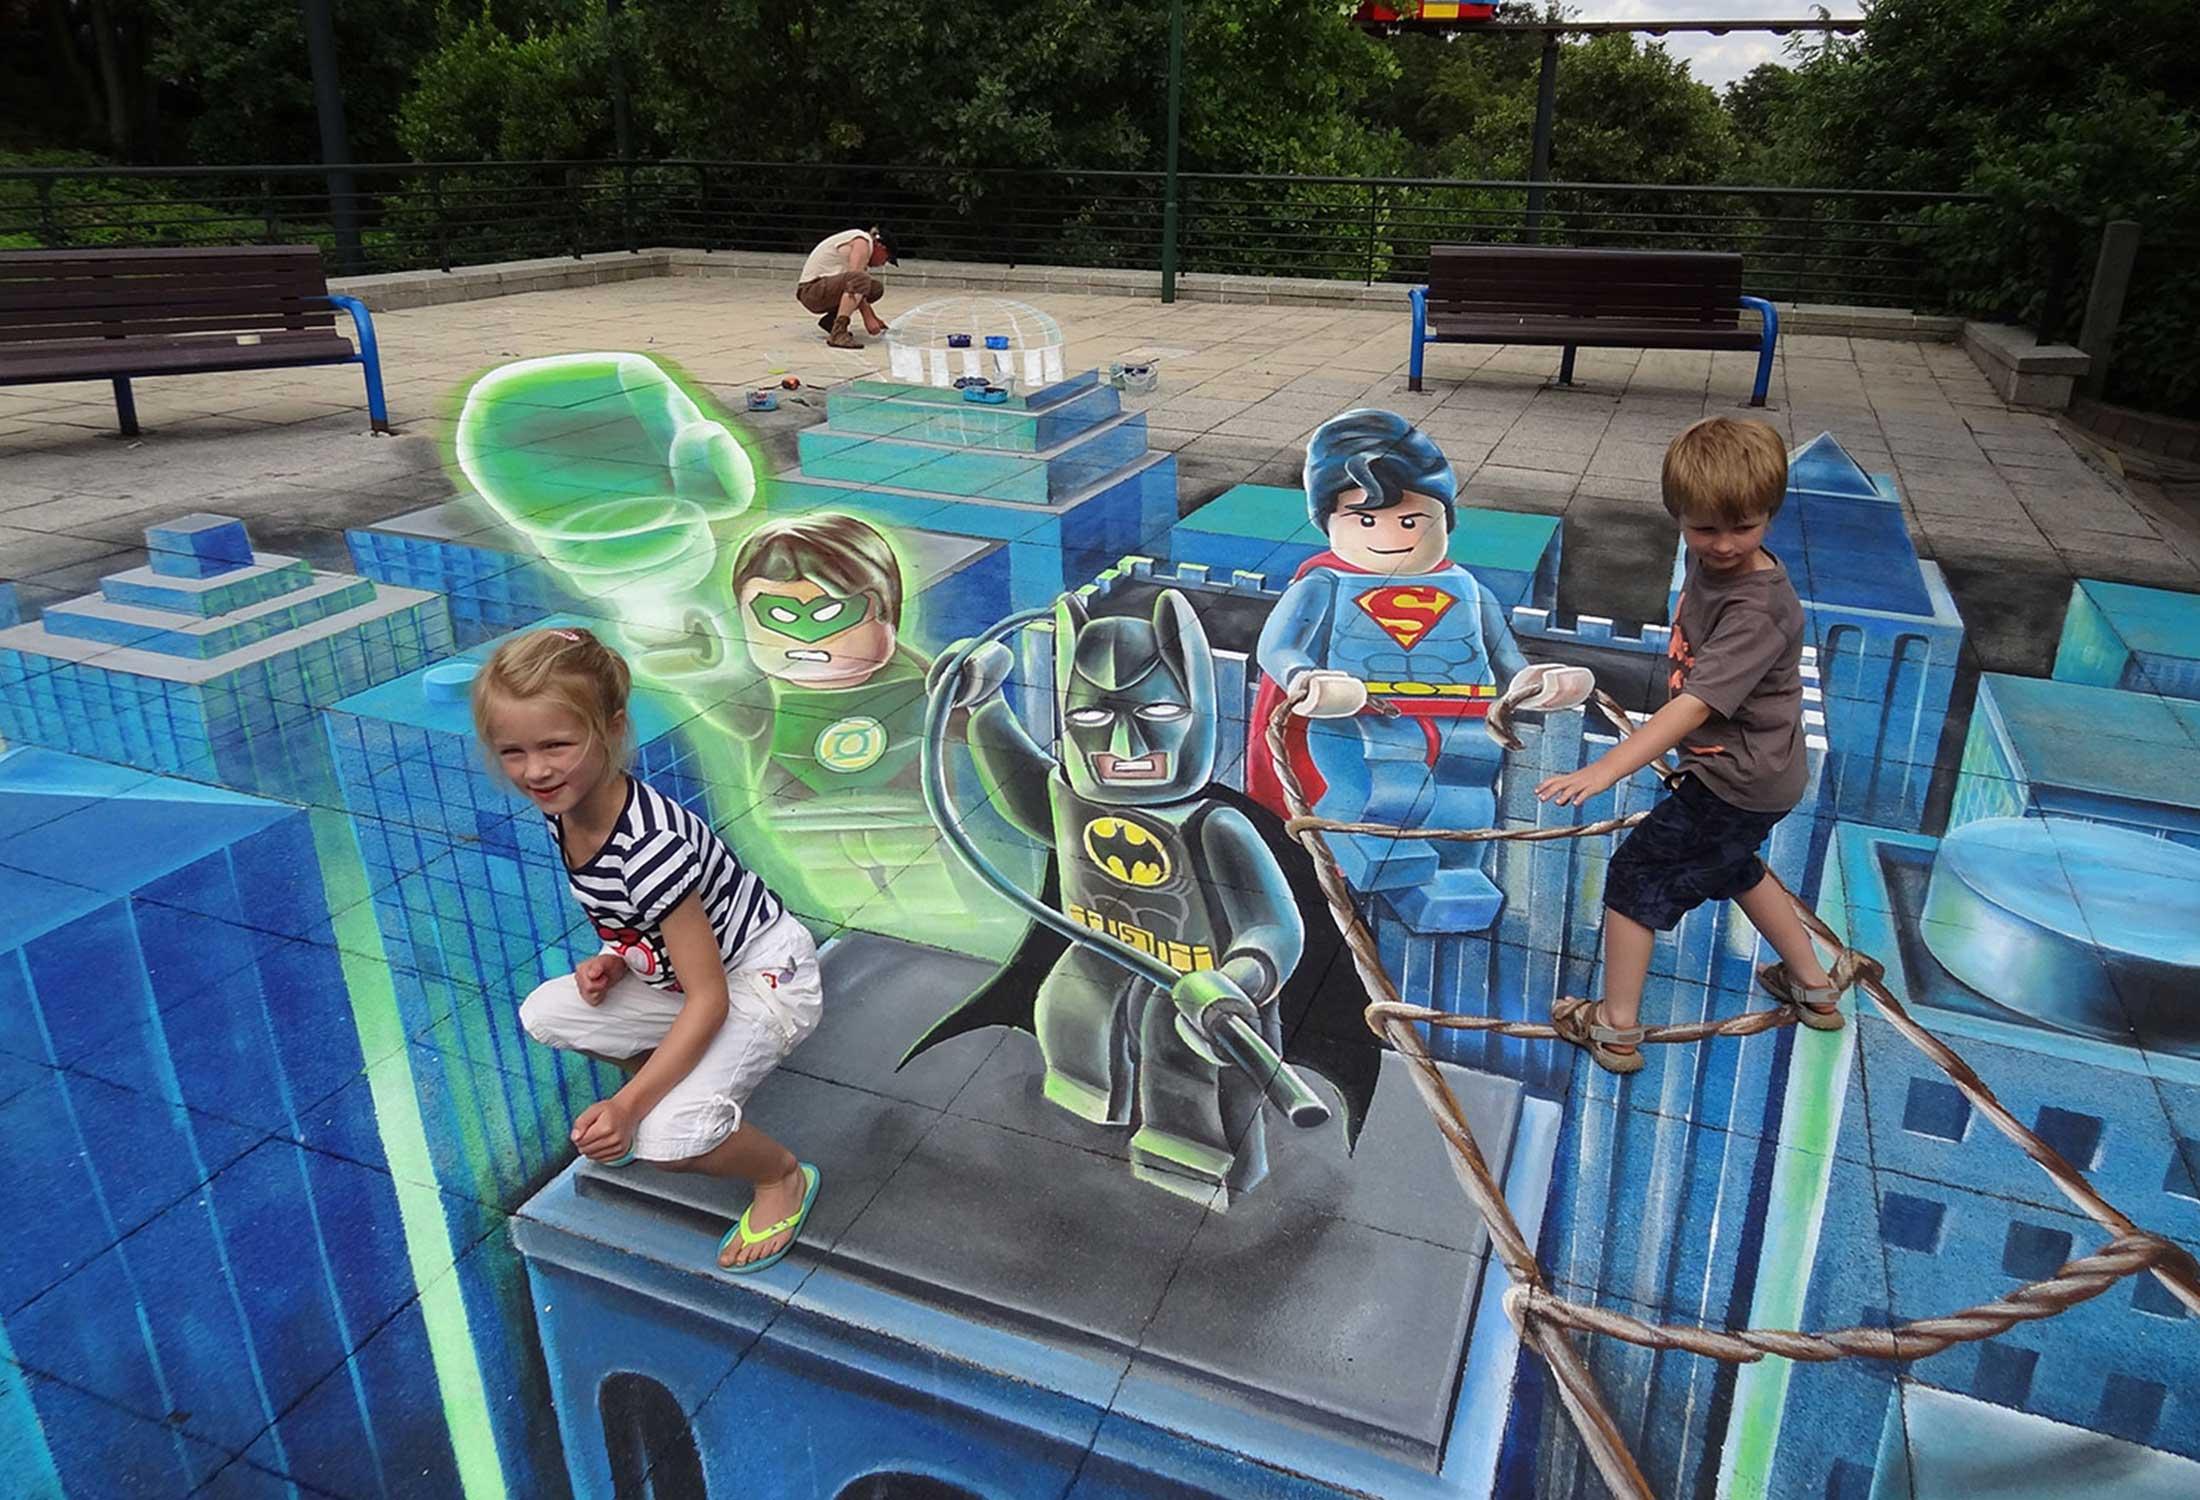 3D urban art by Leon Keer featuring Lego Batman, Lego Superman, and Lego Green Lantern